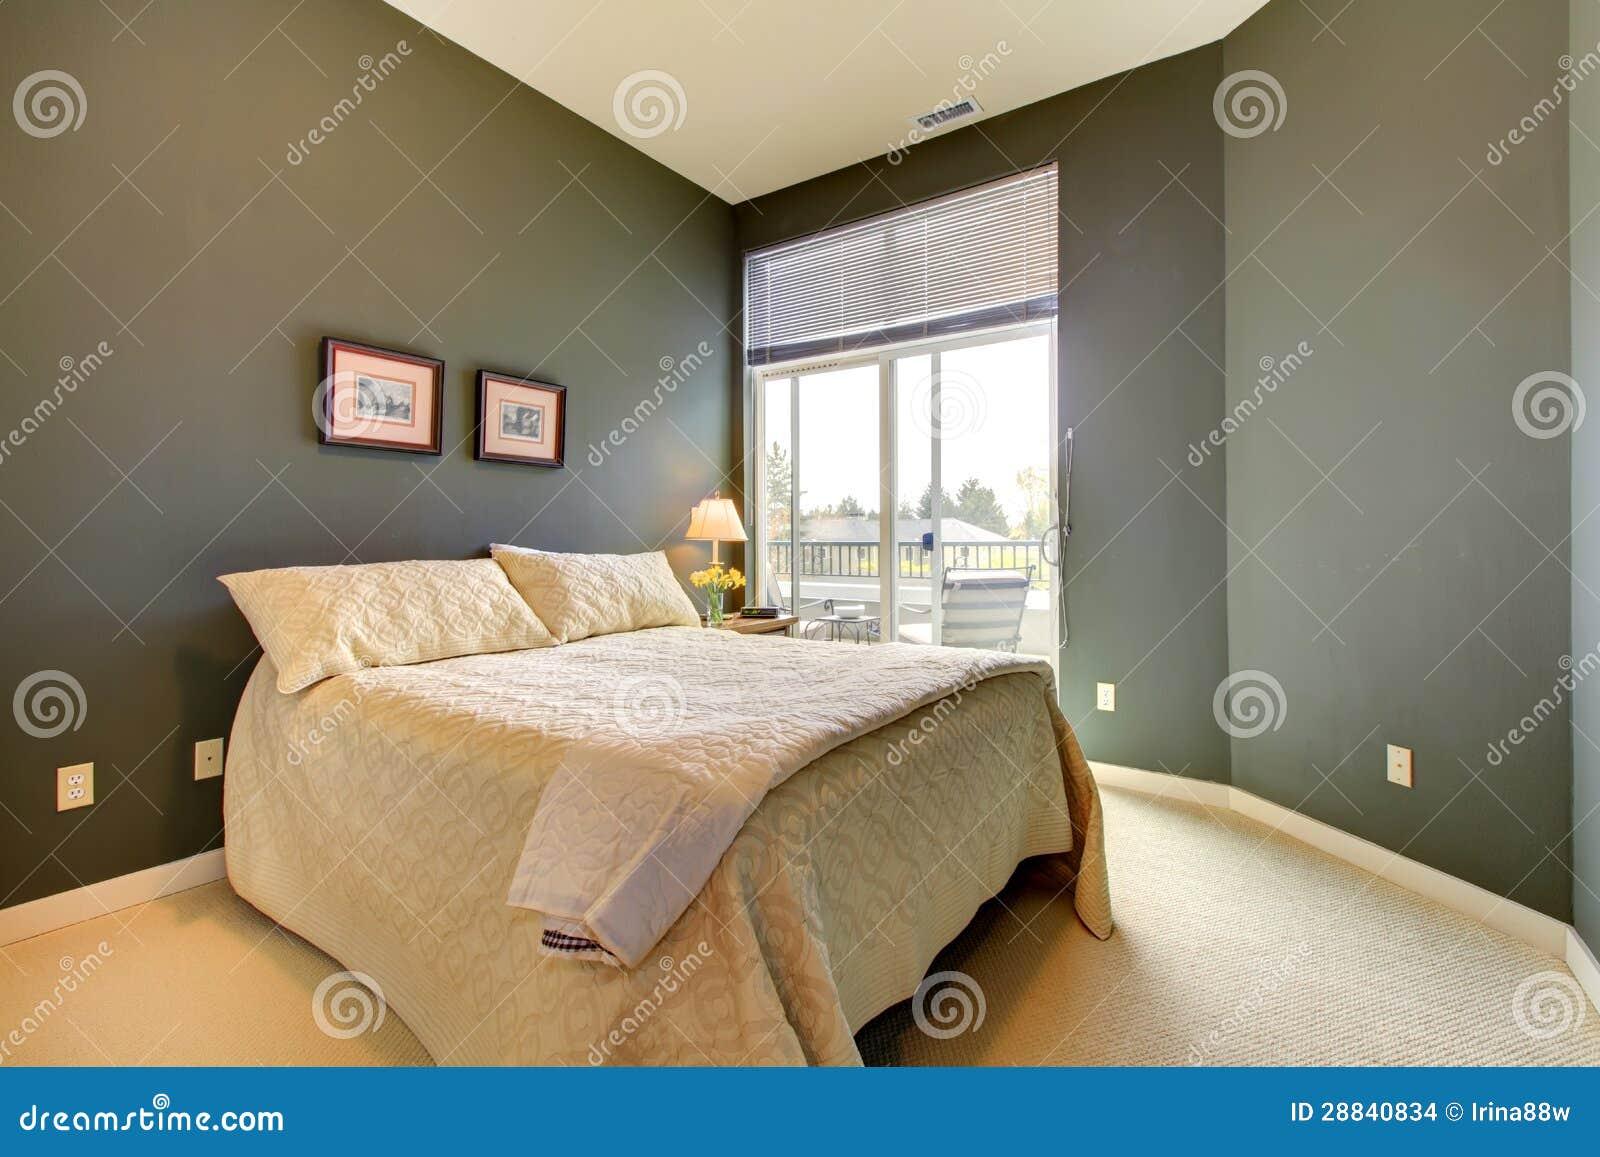 Camera Da Letto Bianca E Pareti : Wall Green and White Bedding